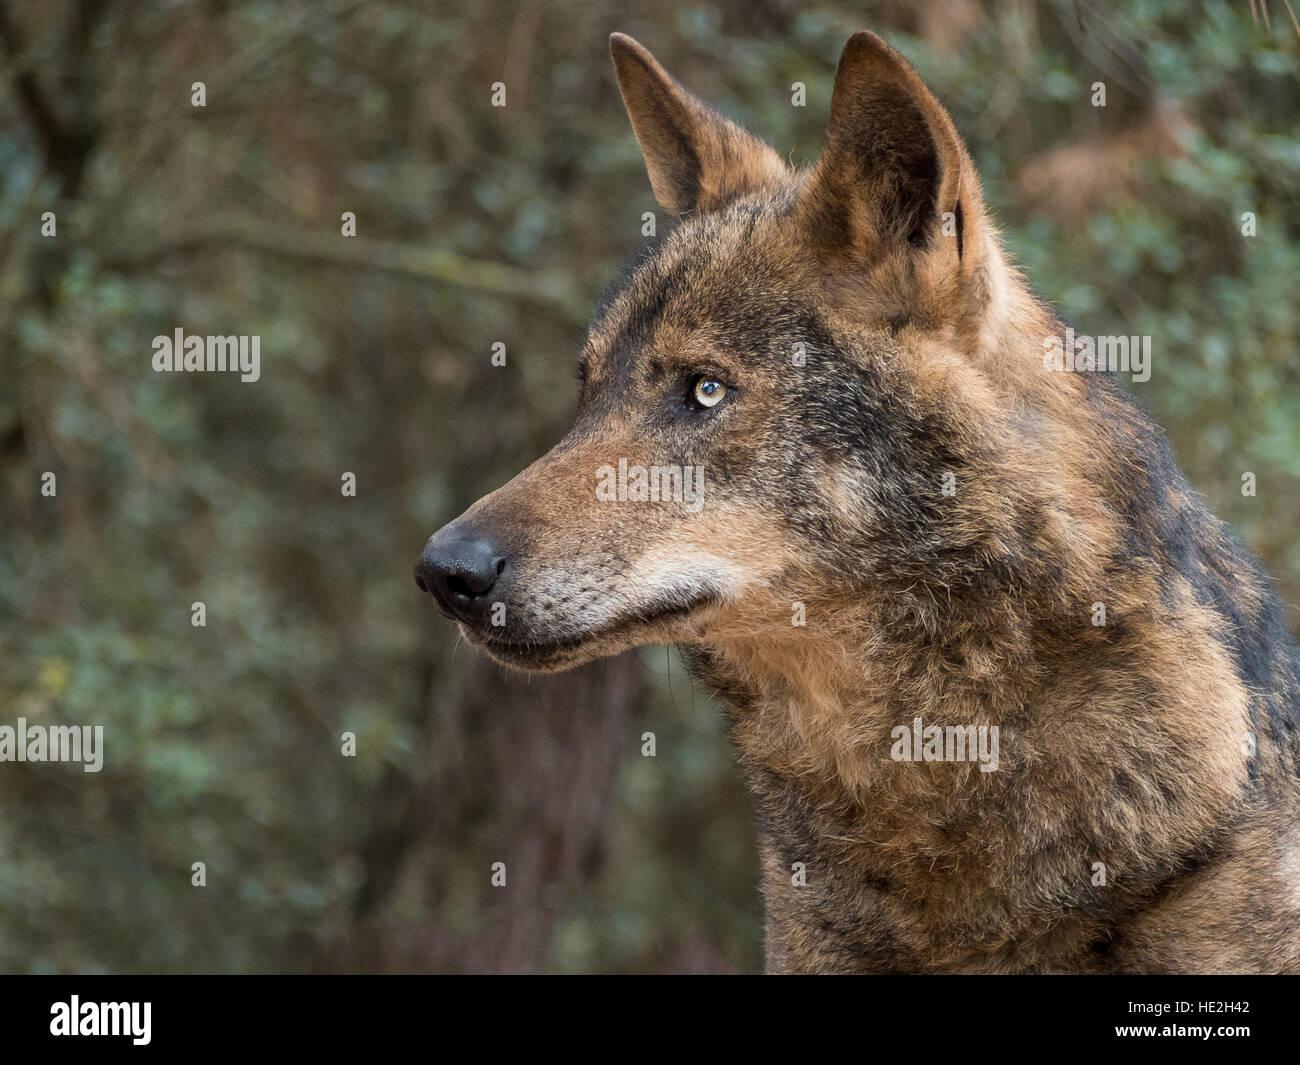 Iberian wolf portrait (Canis lupus signatus) - Stock Image